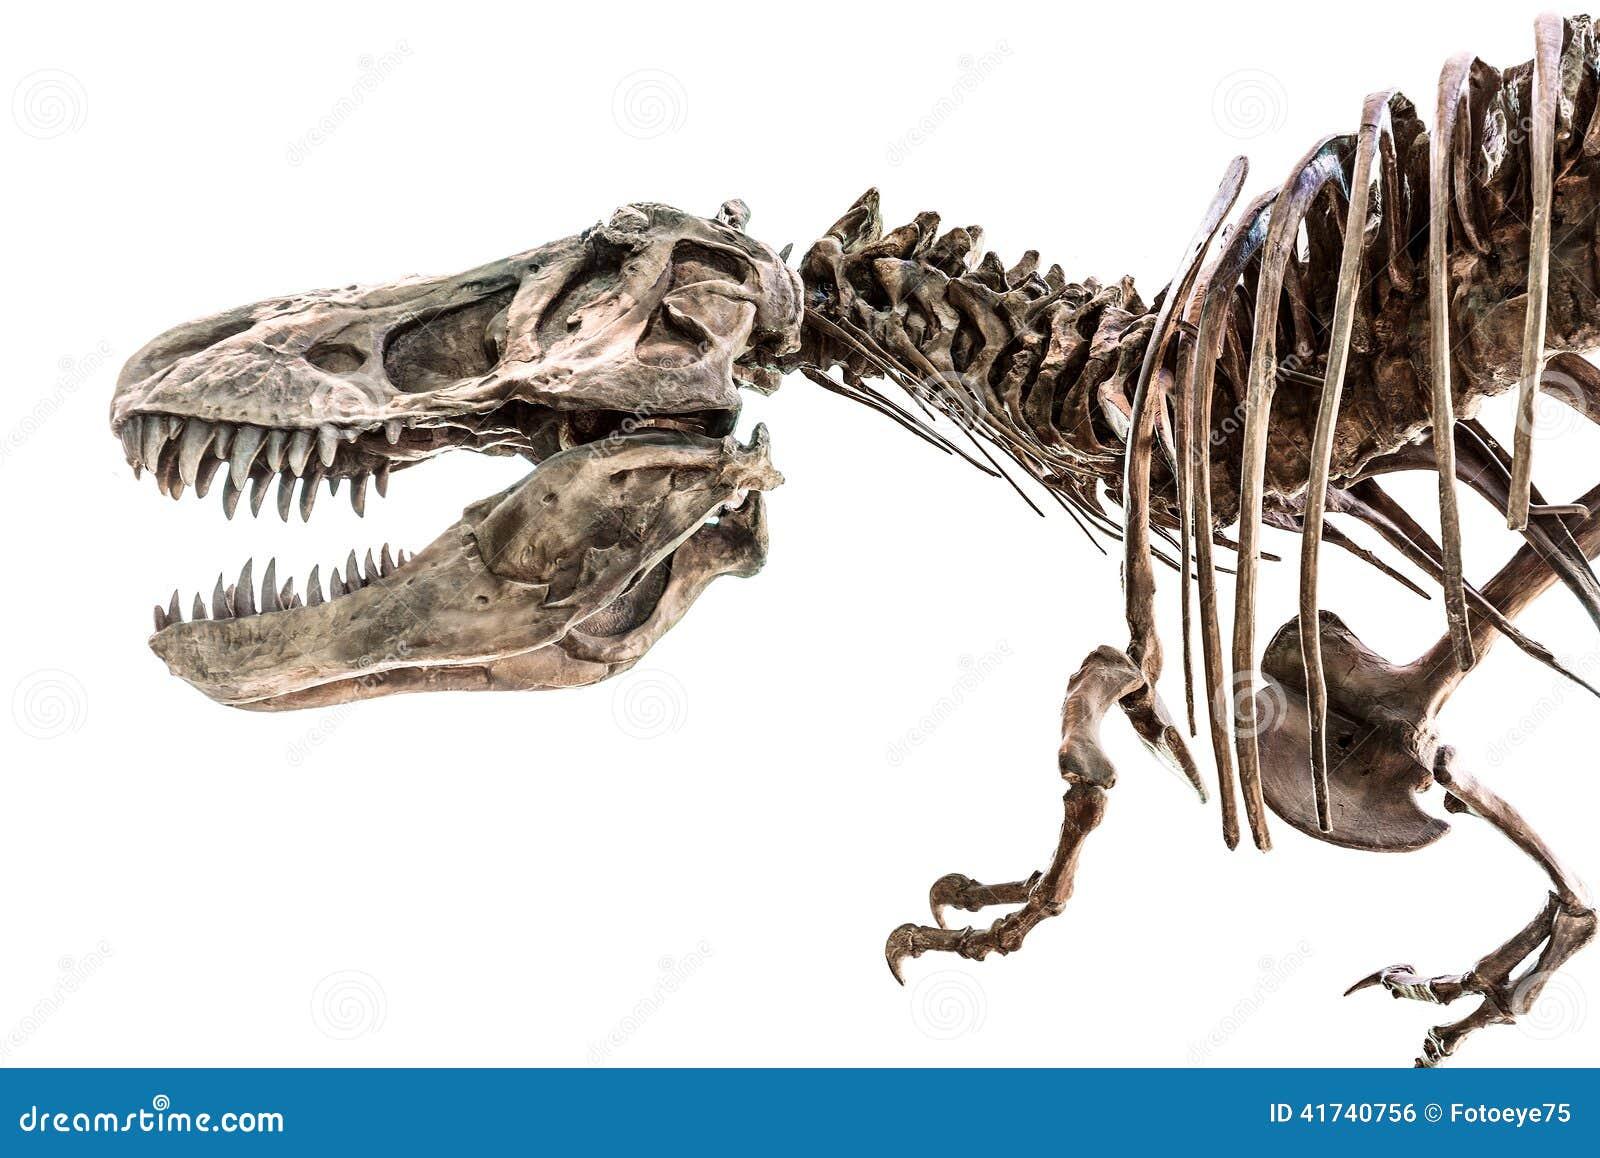 Tyrannosaurus Rex T-Rex Dinosaur Skeleton